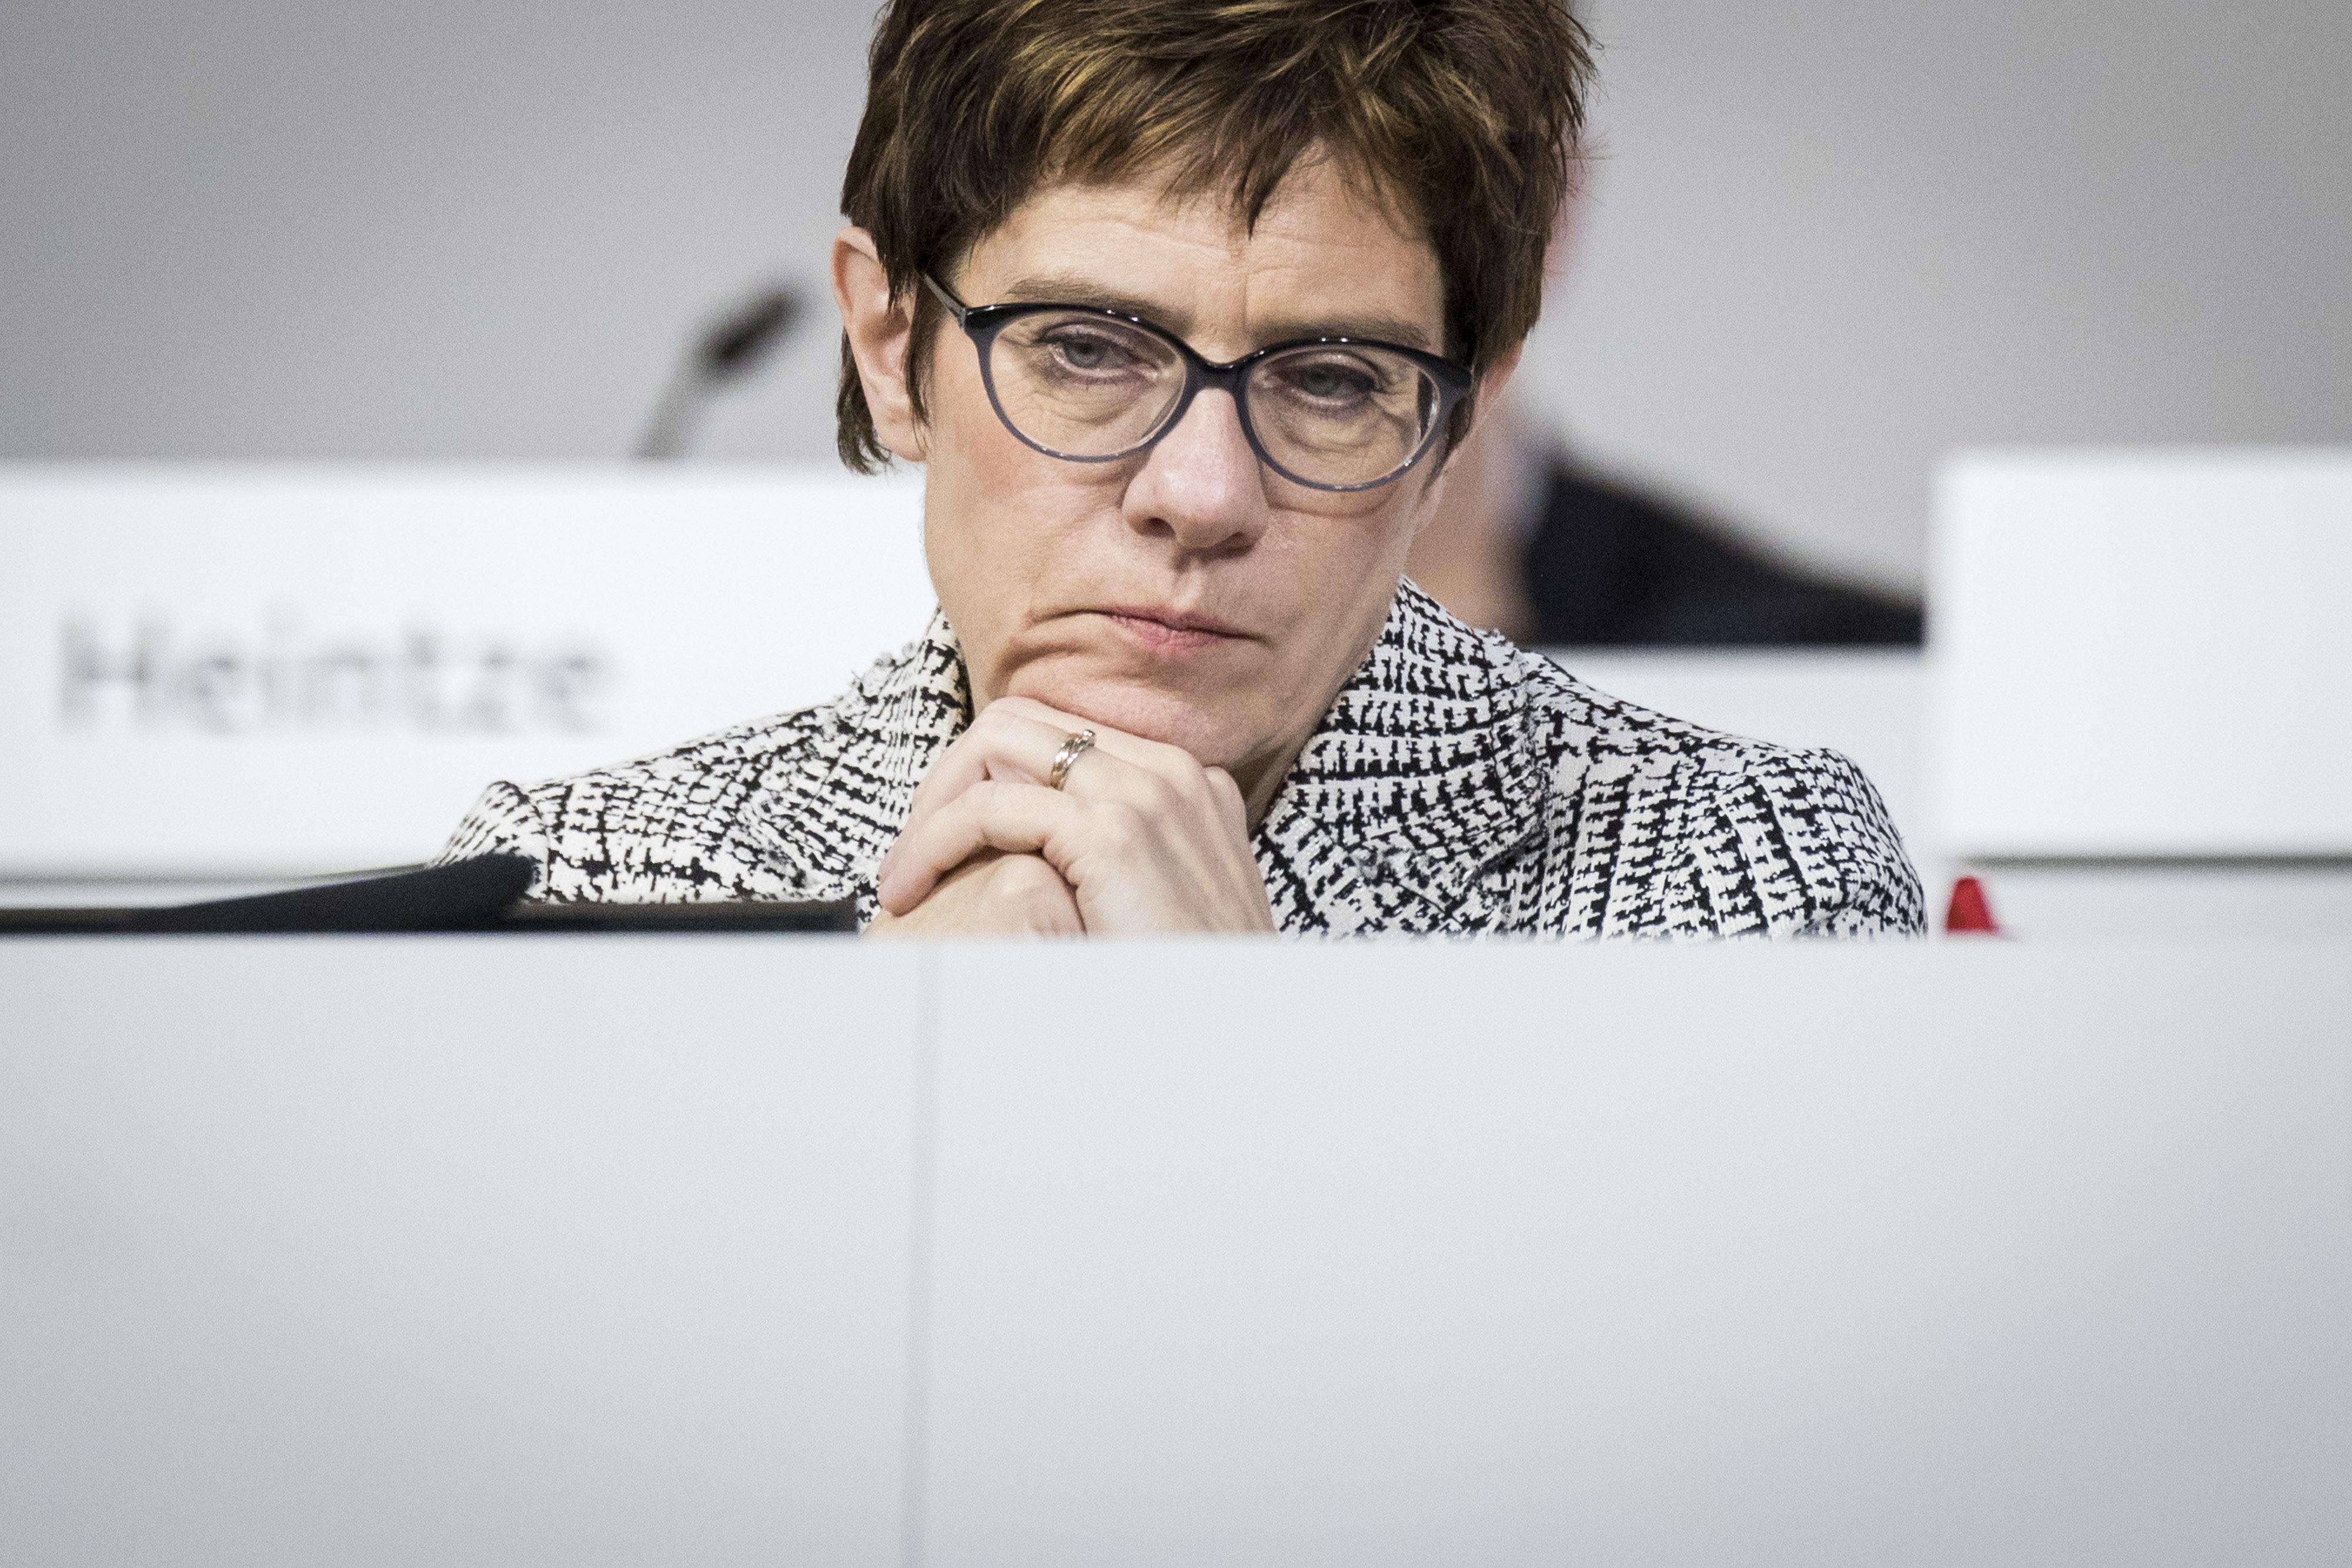 CDU-Vorsitz: Was jetzt die schwerste Aufgabe für Kramp-Karrenbauer